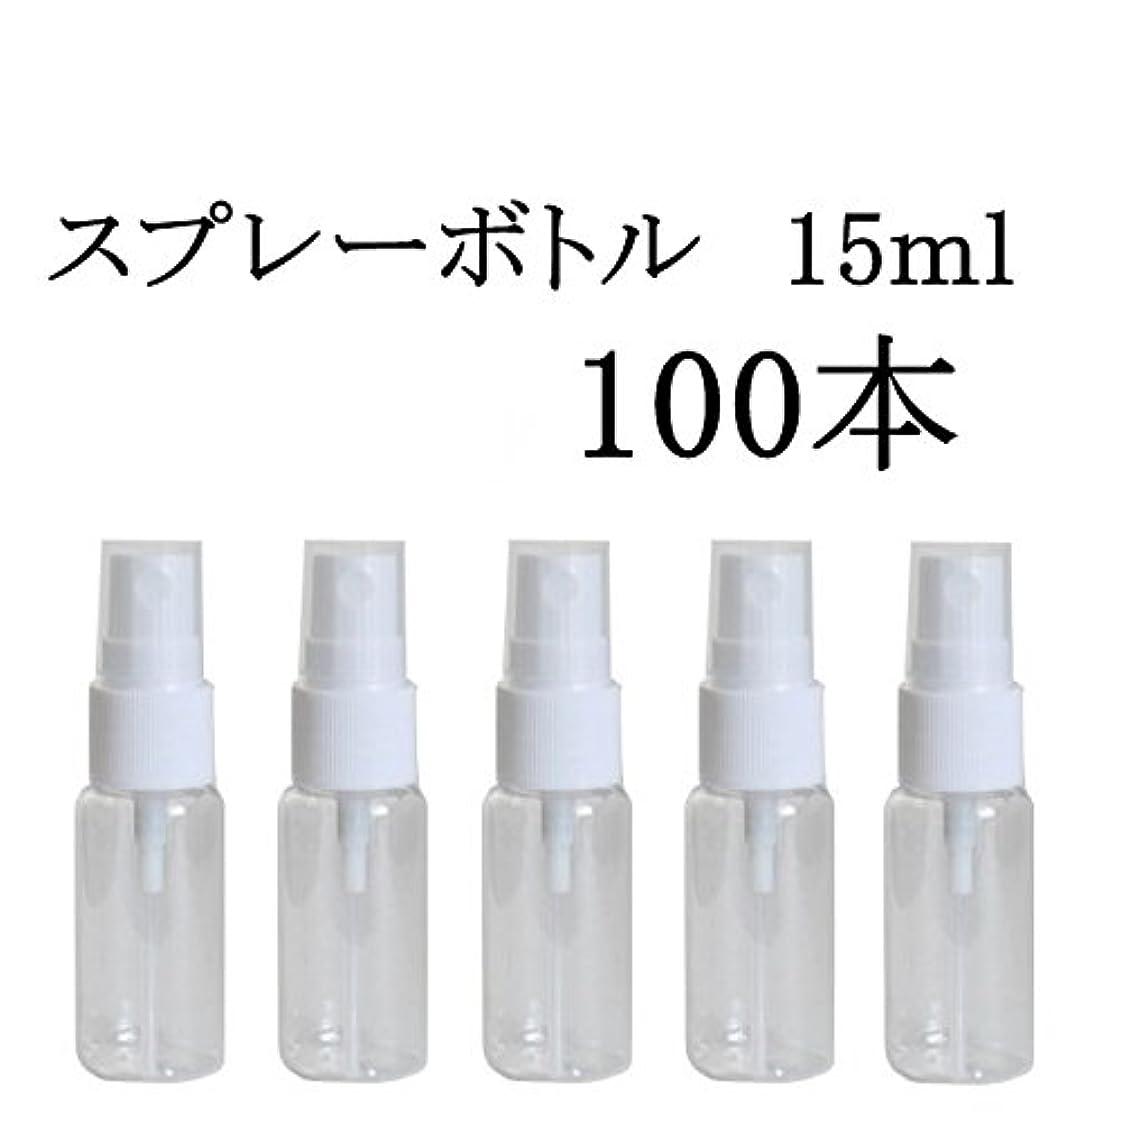 のブルーベル速いhappy fountain スプレーボトル 15ml 【100本】 プラスチック容器